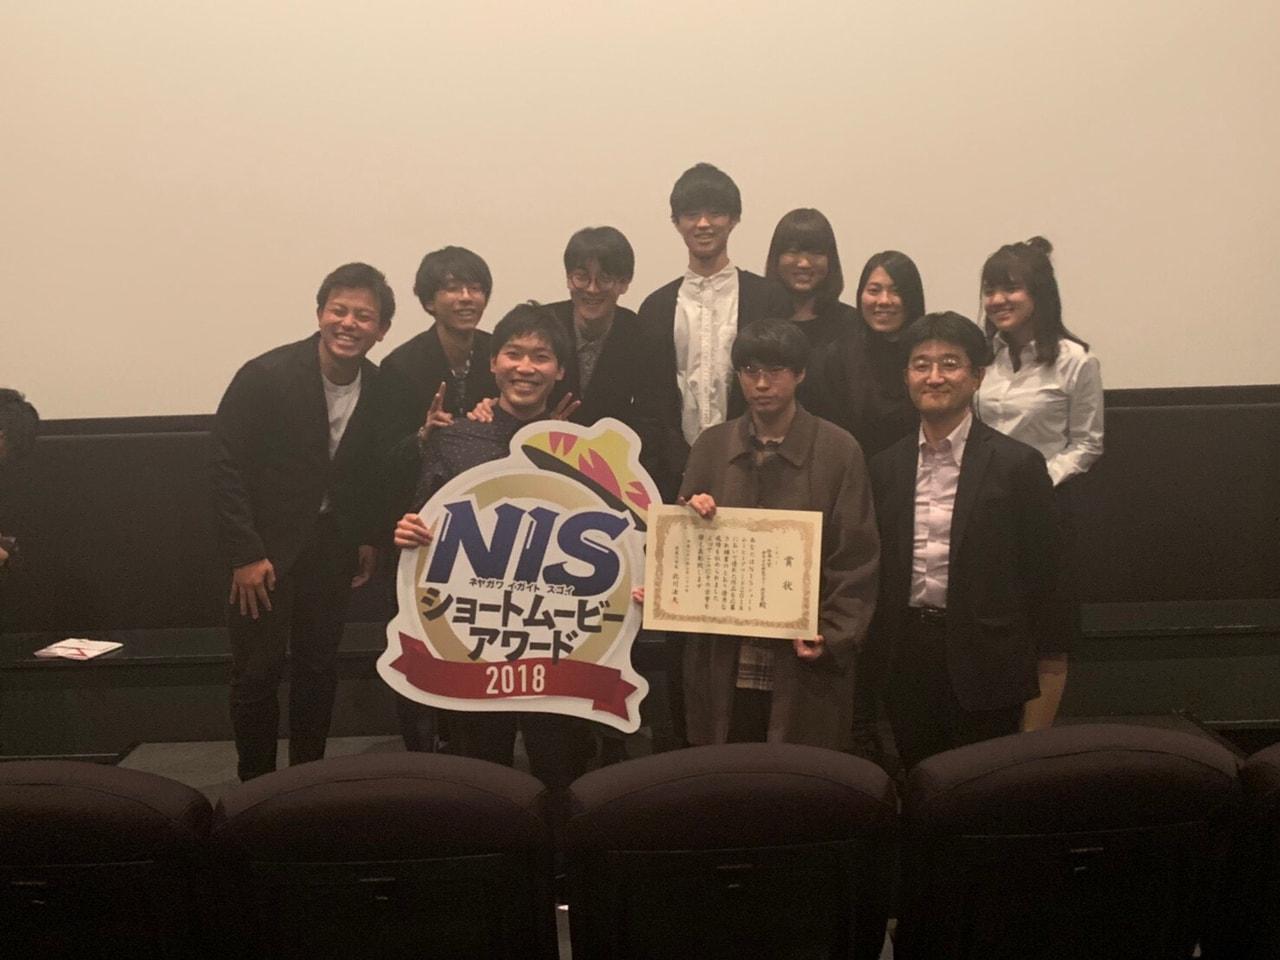 寝屋川市主催のNISショートムービーアワードで加嶋研究室の3年生がシルバー賞を受賞しました!